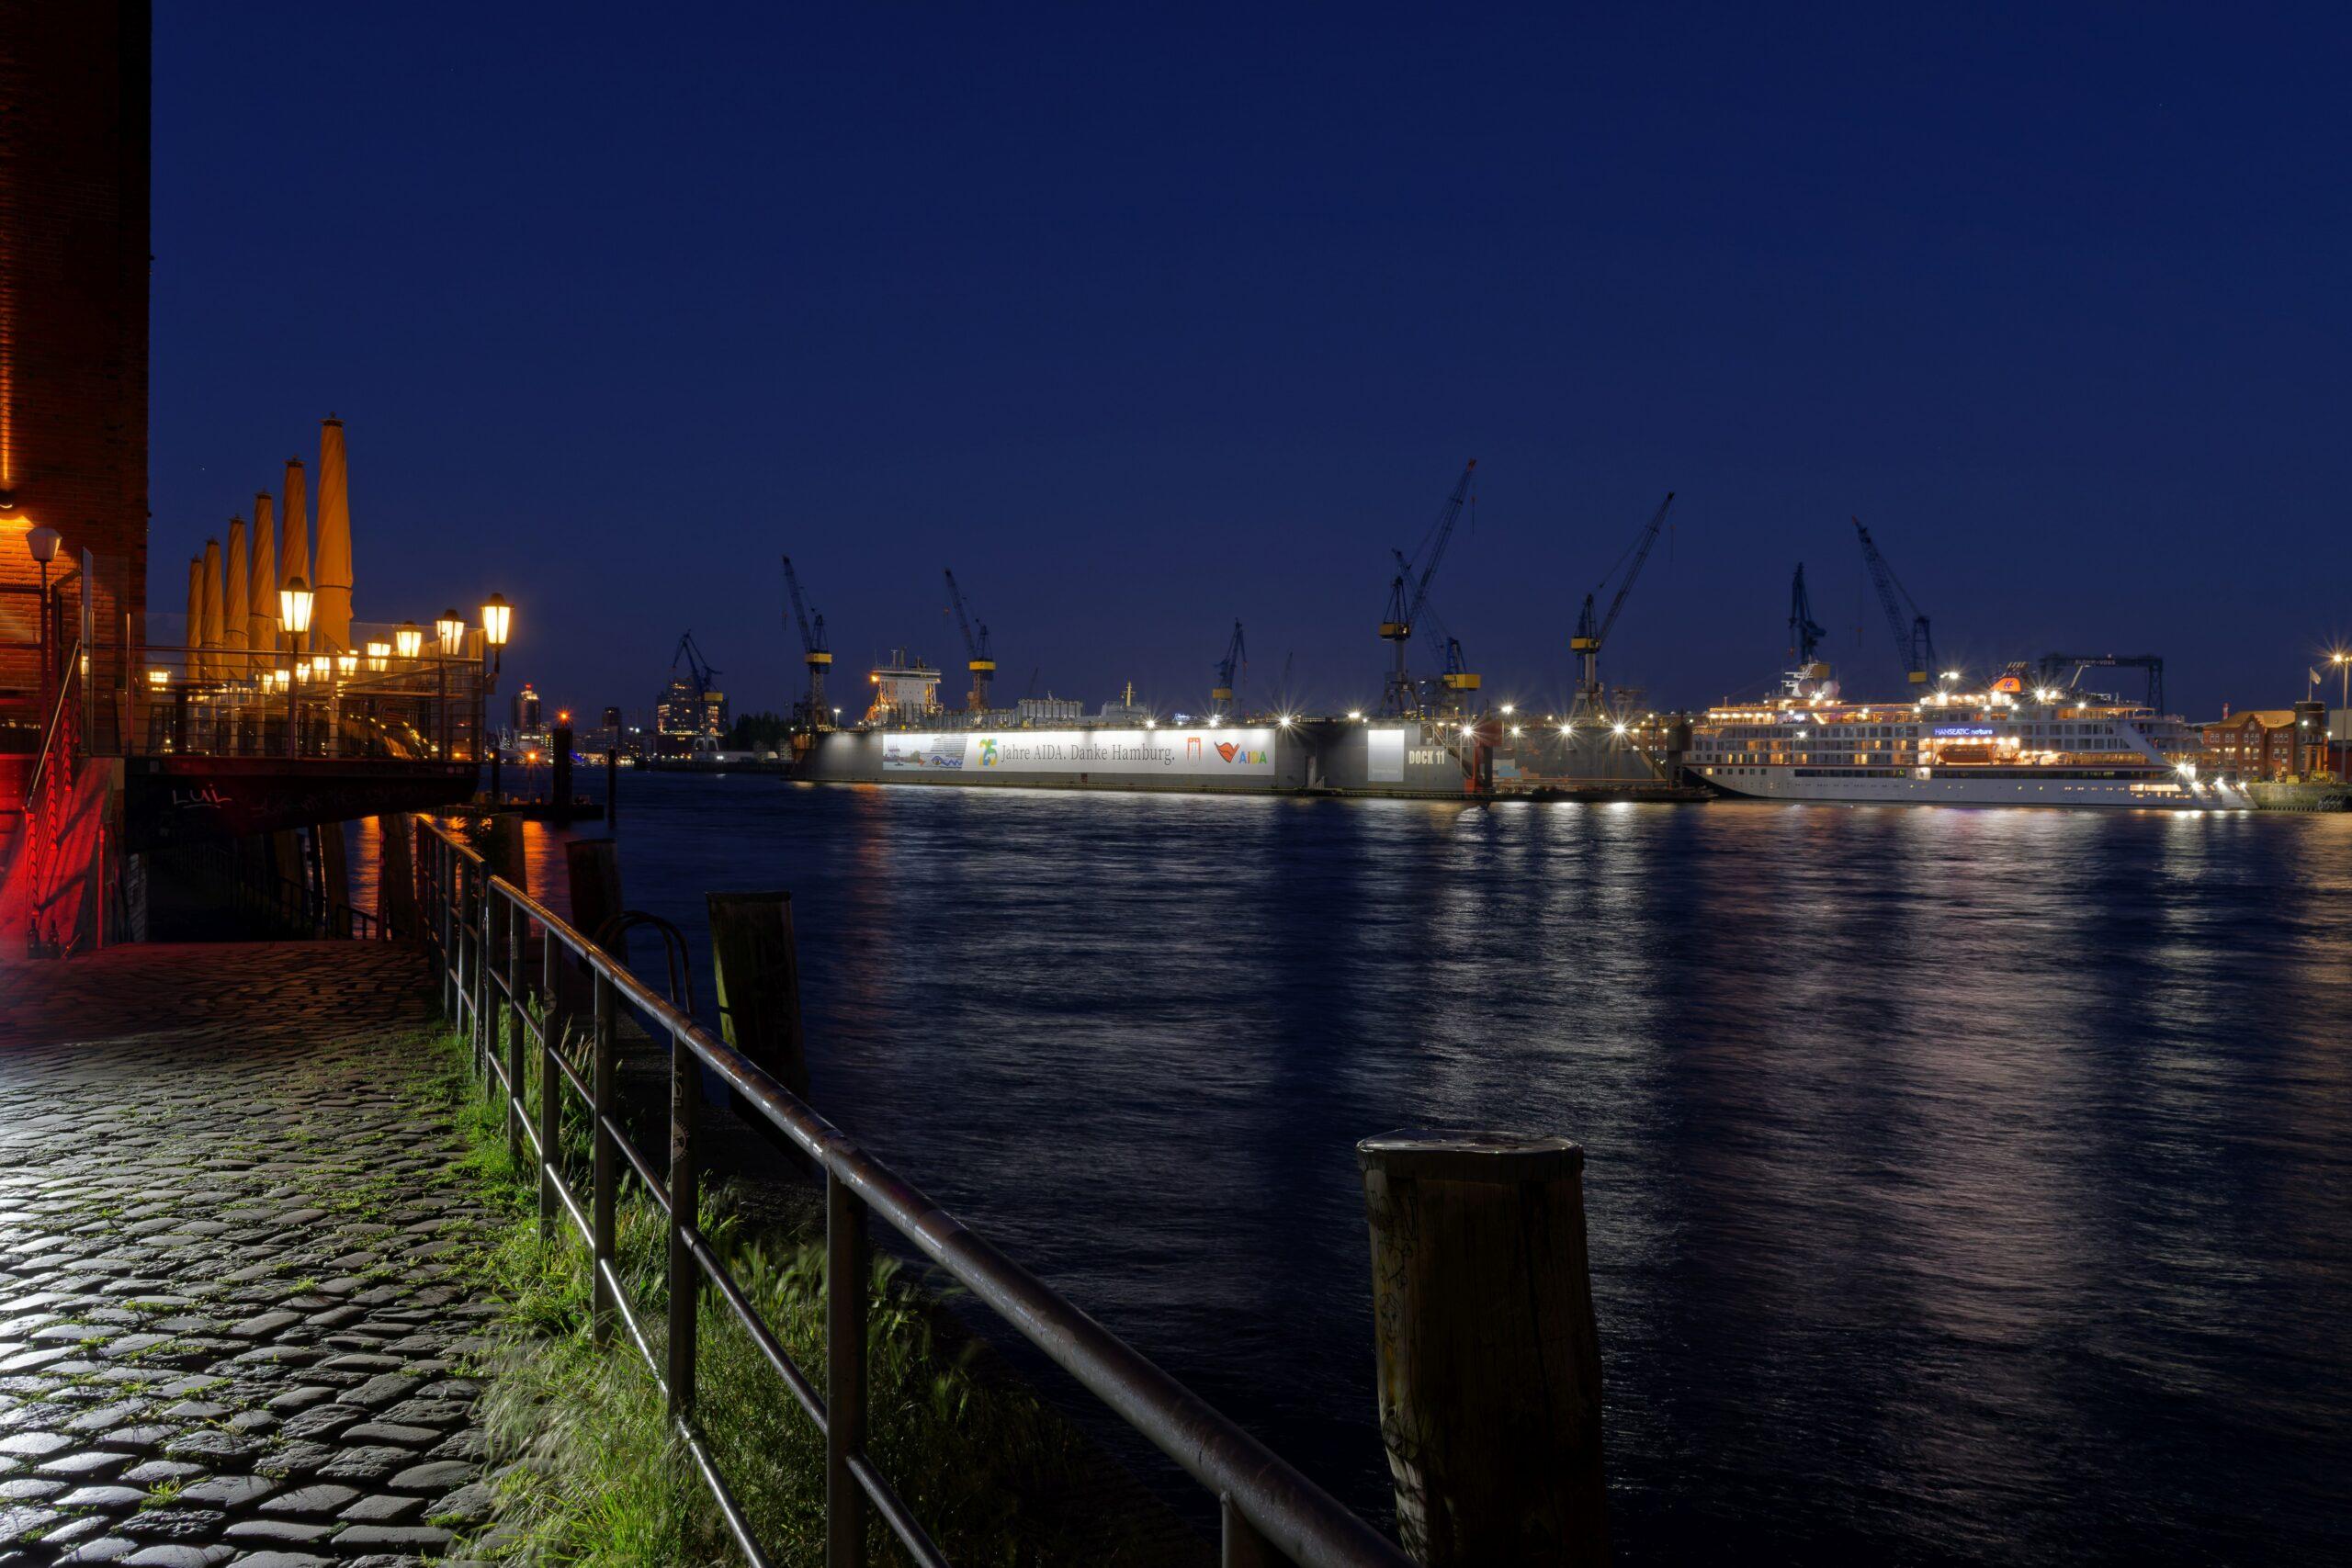 Matthias - Fischmarkt am Abend 01.06.2021 - Hafenblick